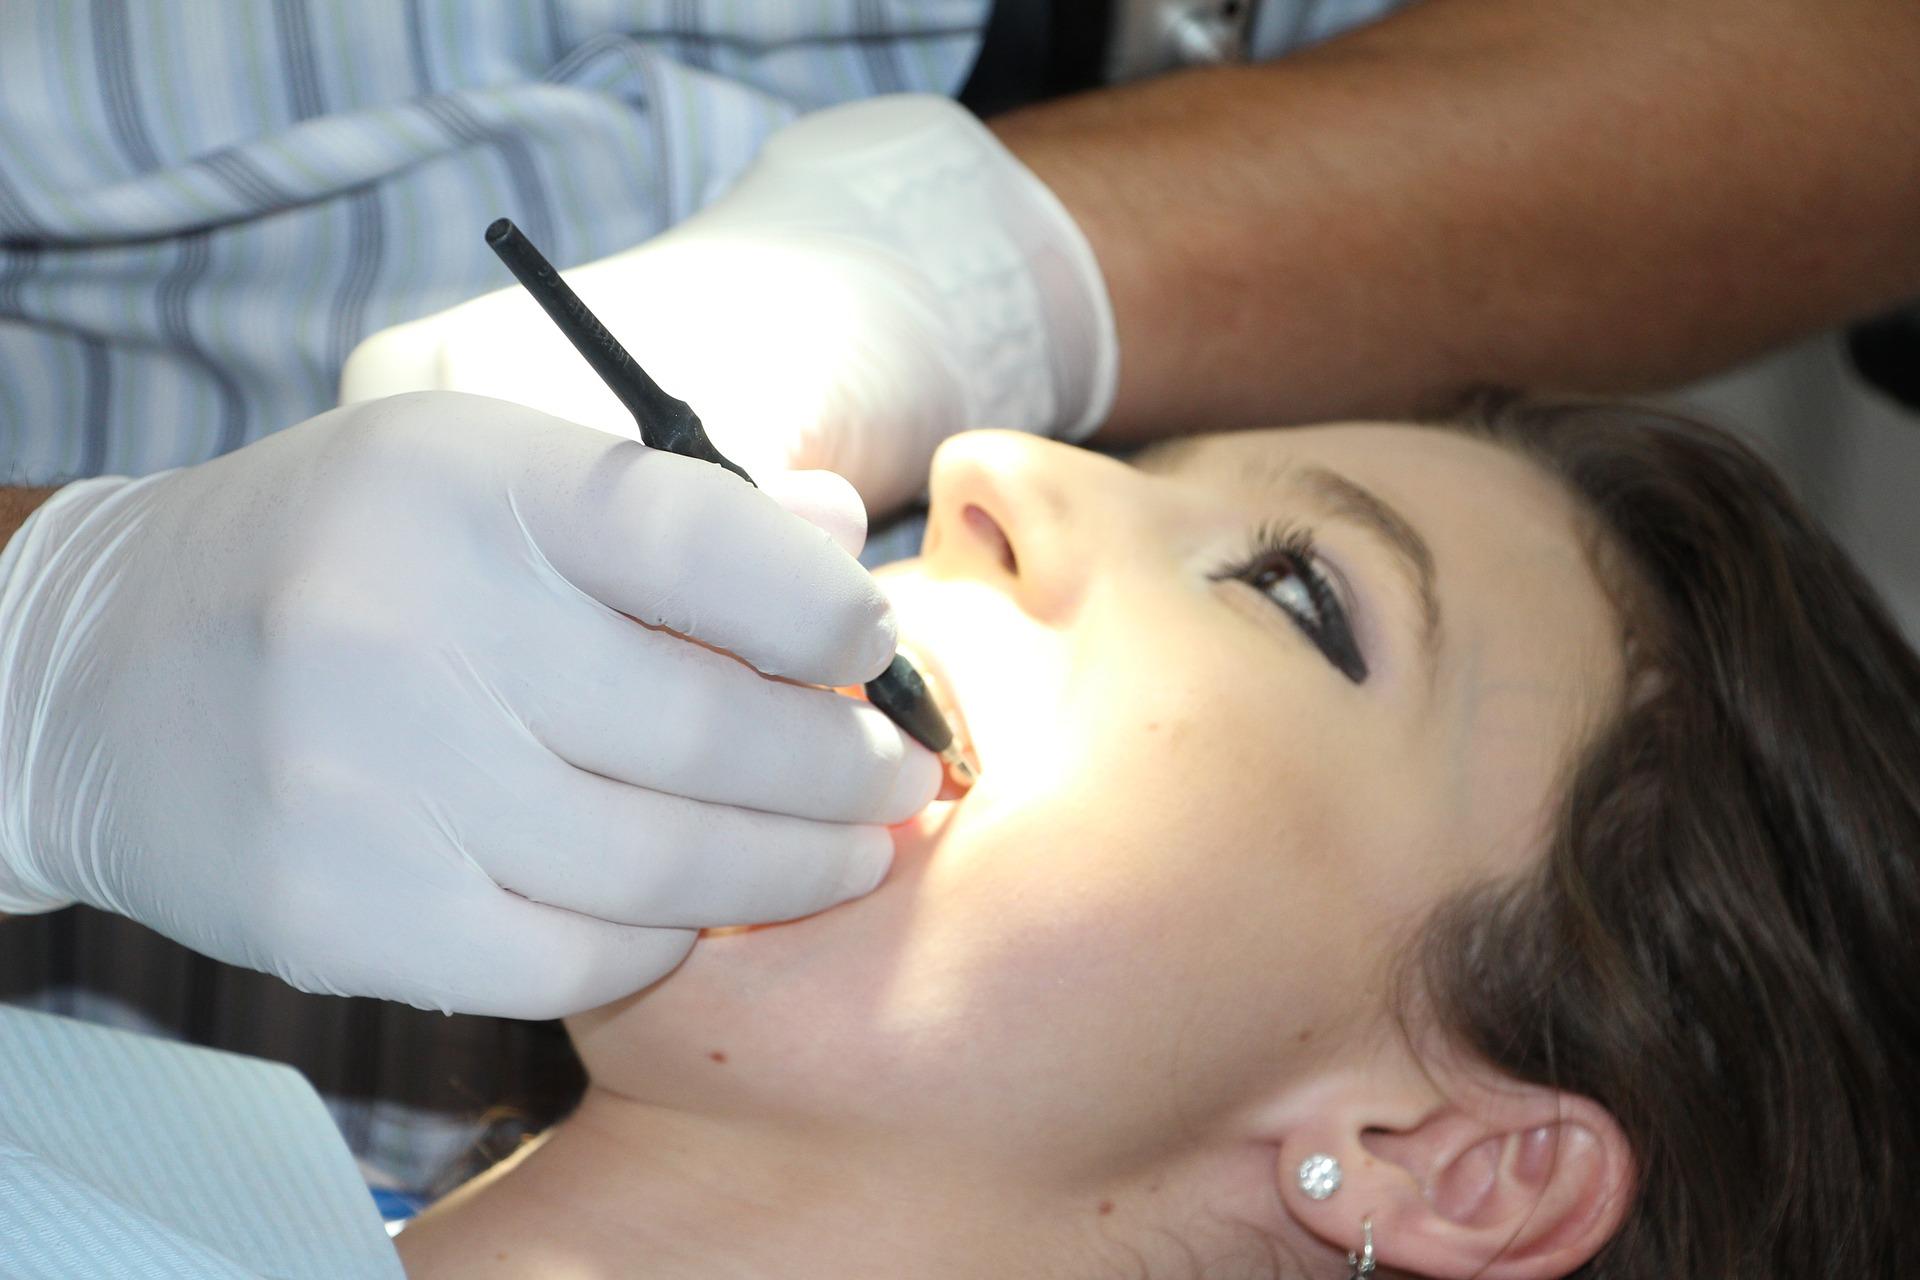 להחזיר את החיוך: באילו מקרים תצטרכו השתלת שיניים?